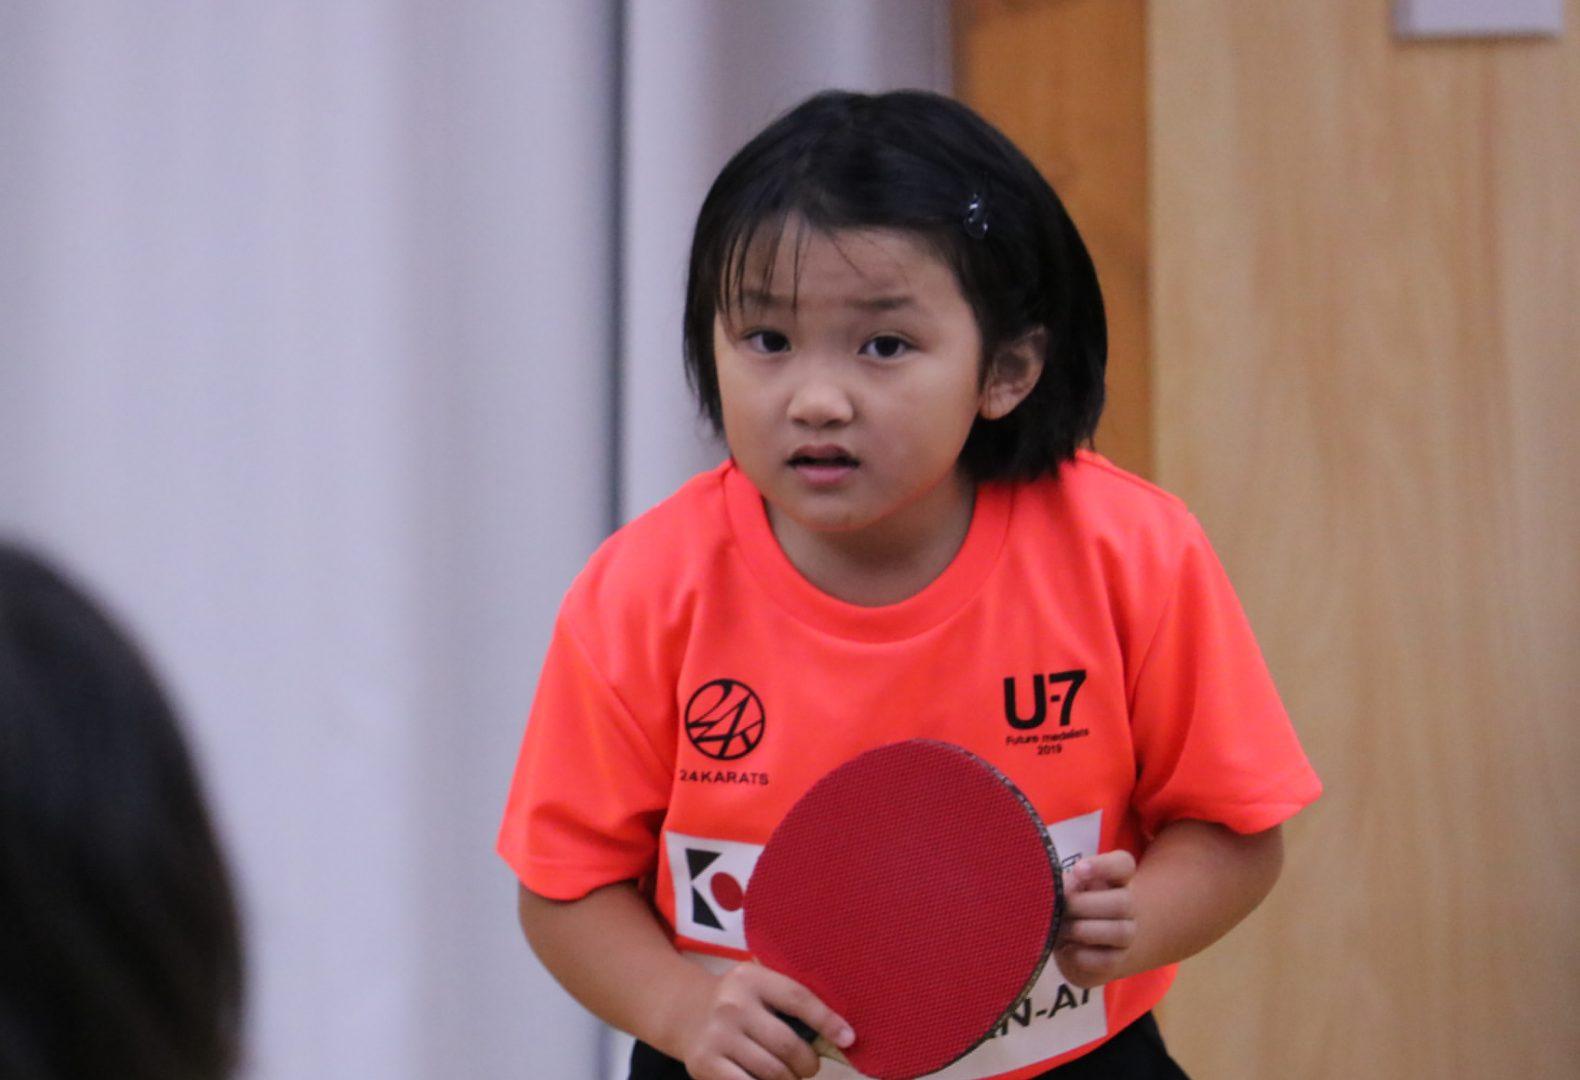 【卓球】U-7強化合宿、2日間のリーグ戦終了 松島輝空の妹・美空が1位に